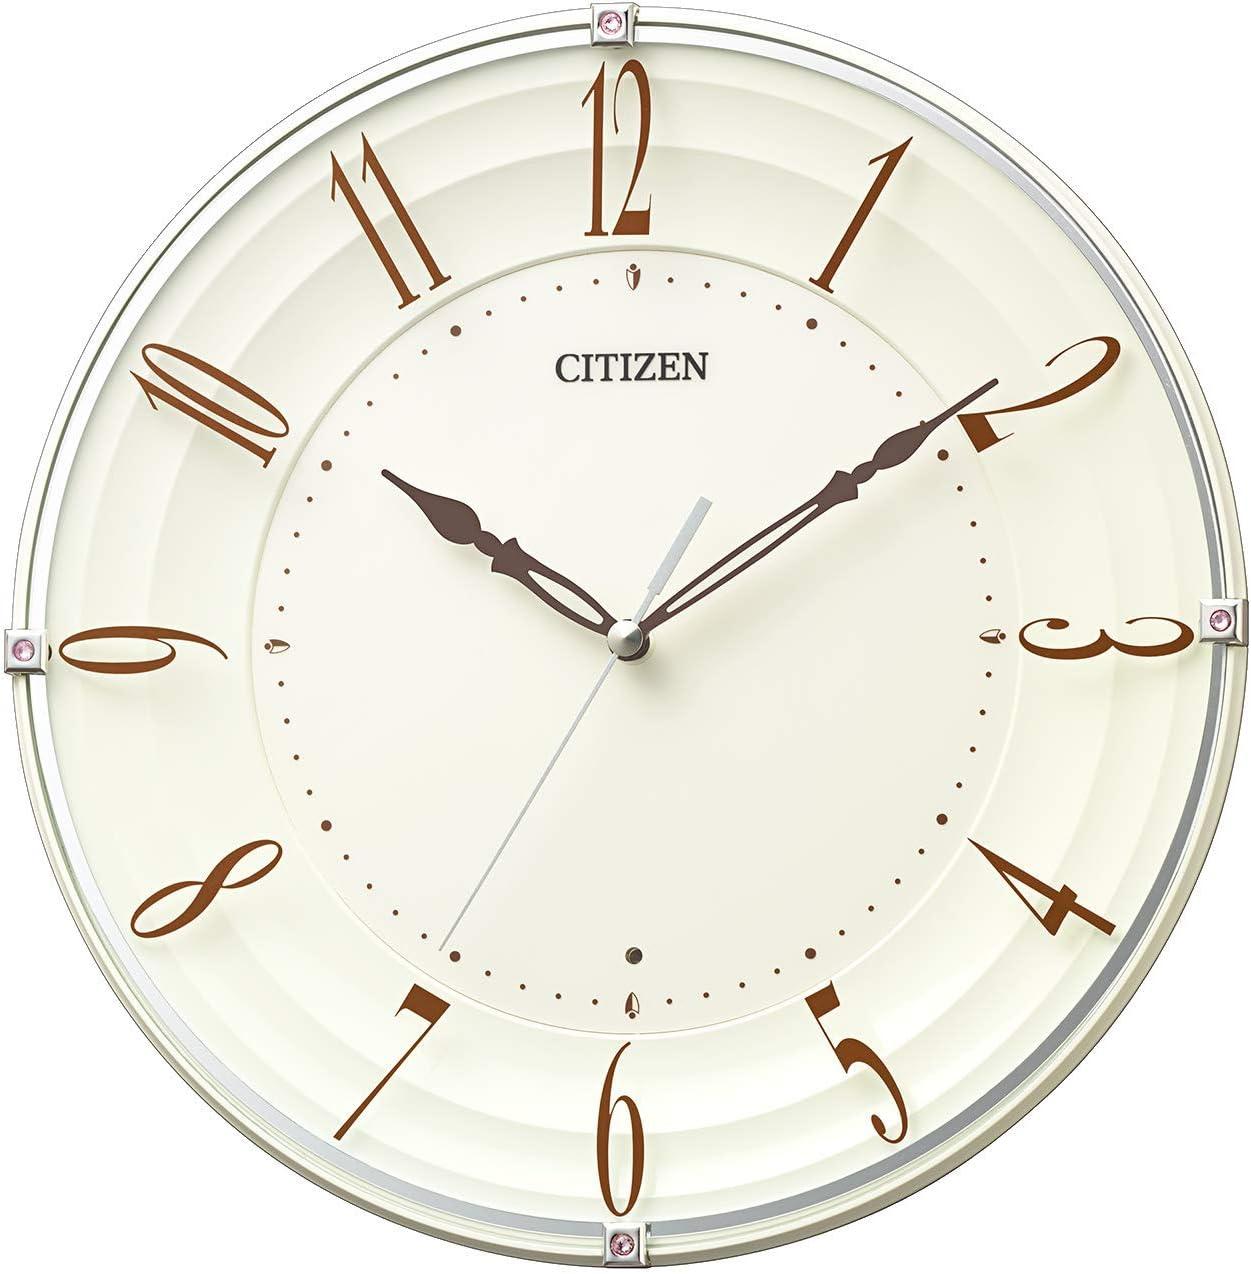 リズム時計工業(Rhythm) 掛け時計 ベージュ 28x4.8cm シチズン CITIZEN 電波時計 連続秒針 インテリア 8MY556-006